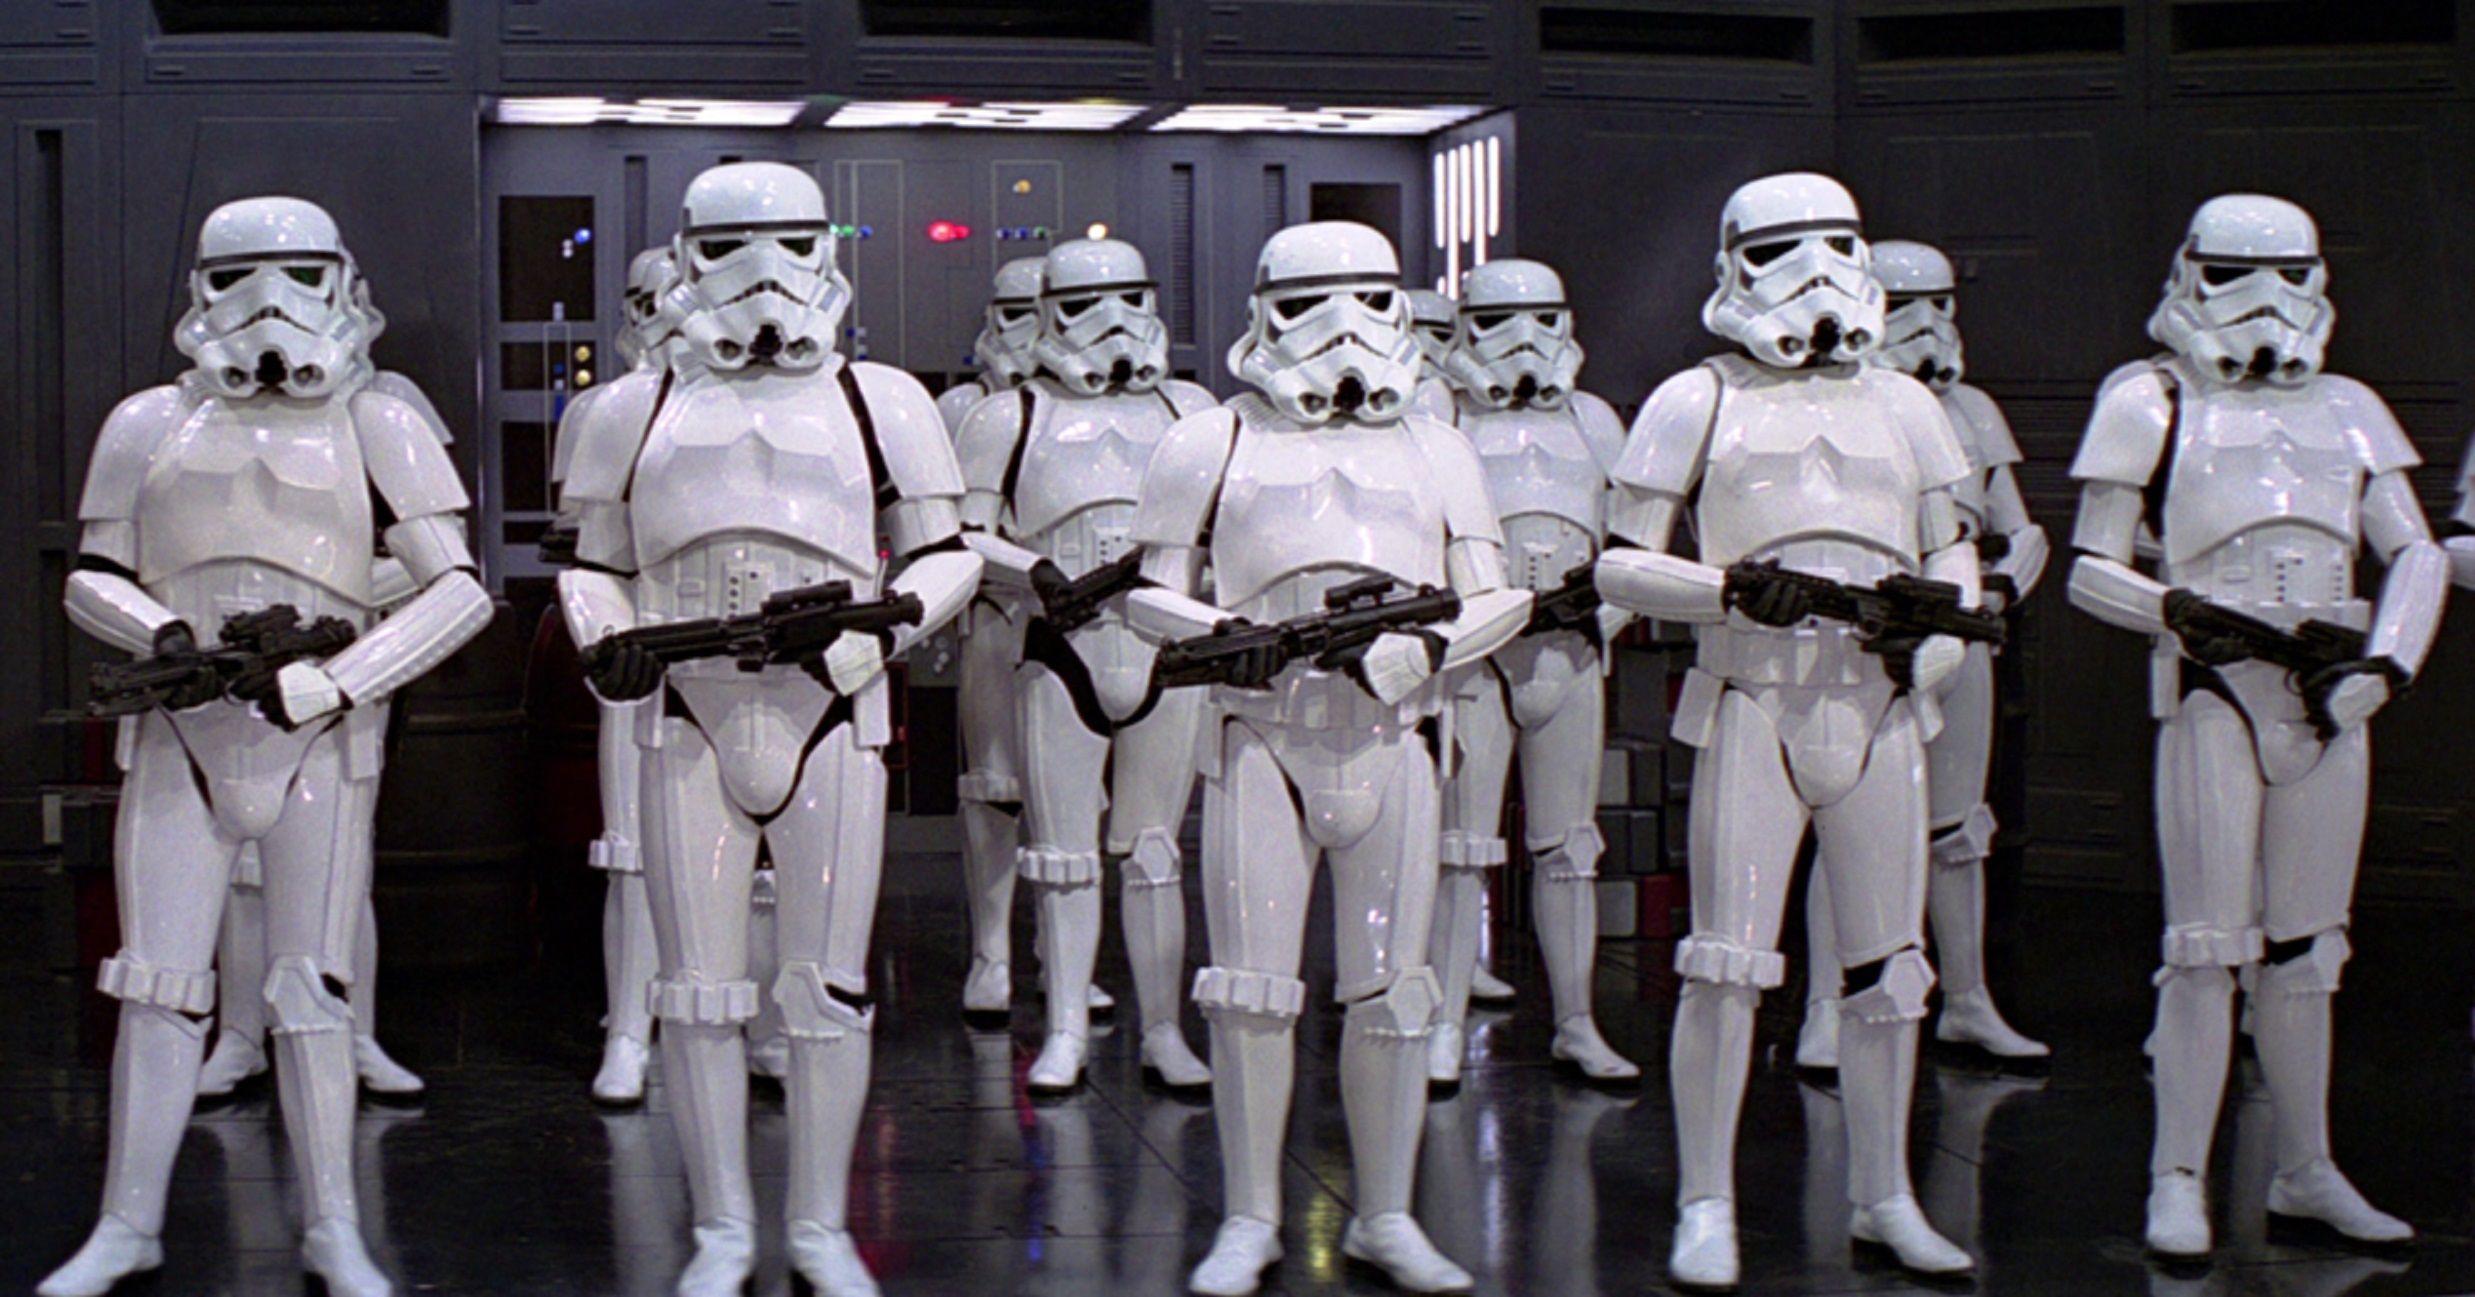 Lo mataron por contar el final de la nueva película de Star Wars